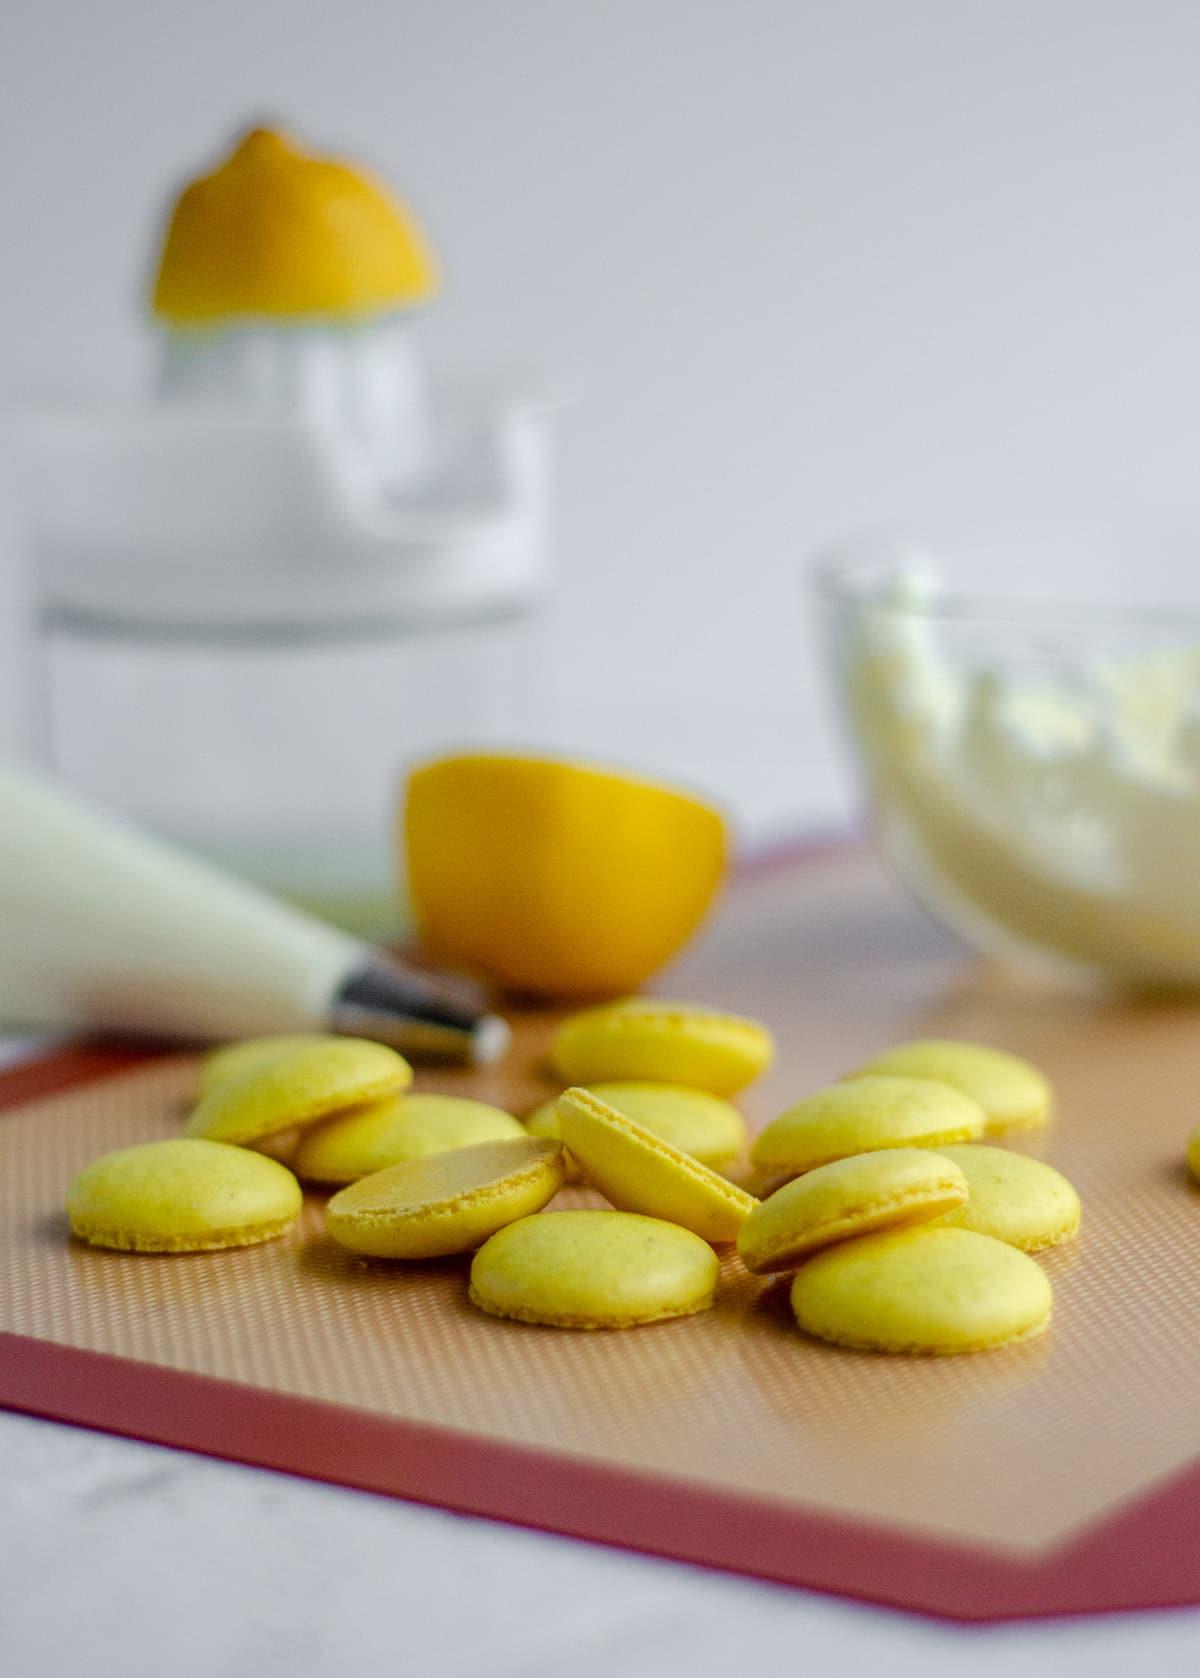 lemon macarons ready to assemble